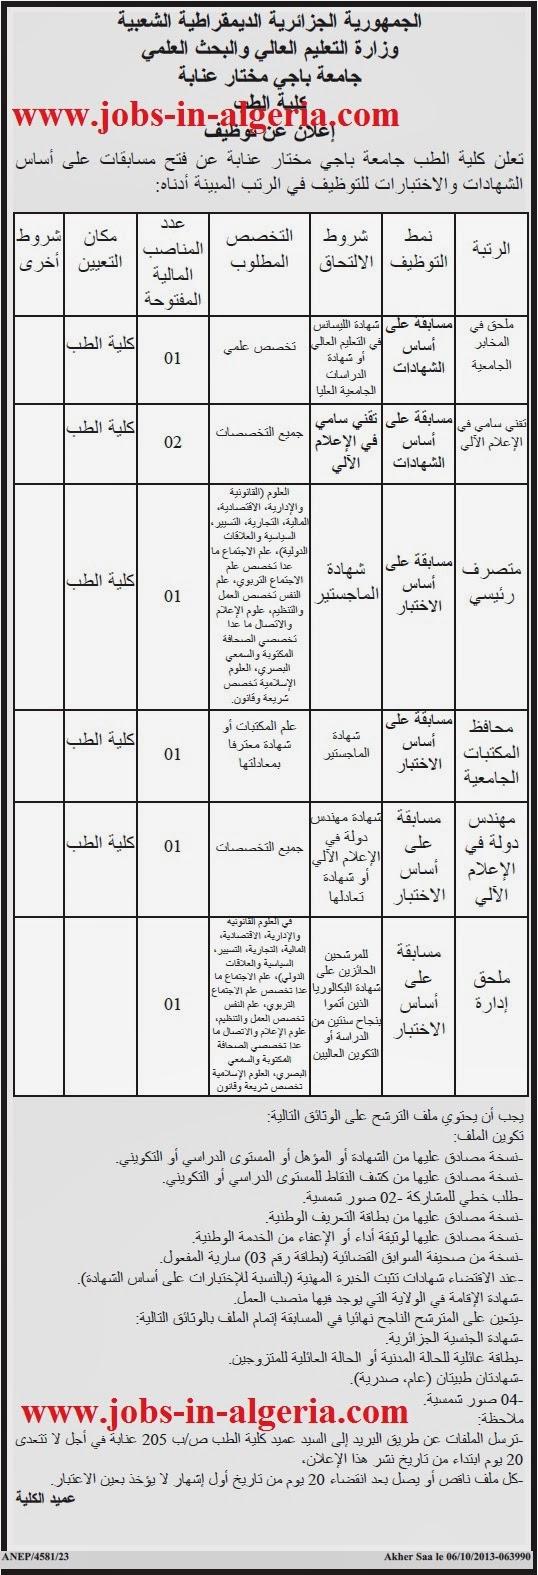 التوظيف في الجزائر : مسابقات توظيف في جامعة باجي مختار بعنابة أكتوبر 2013